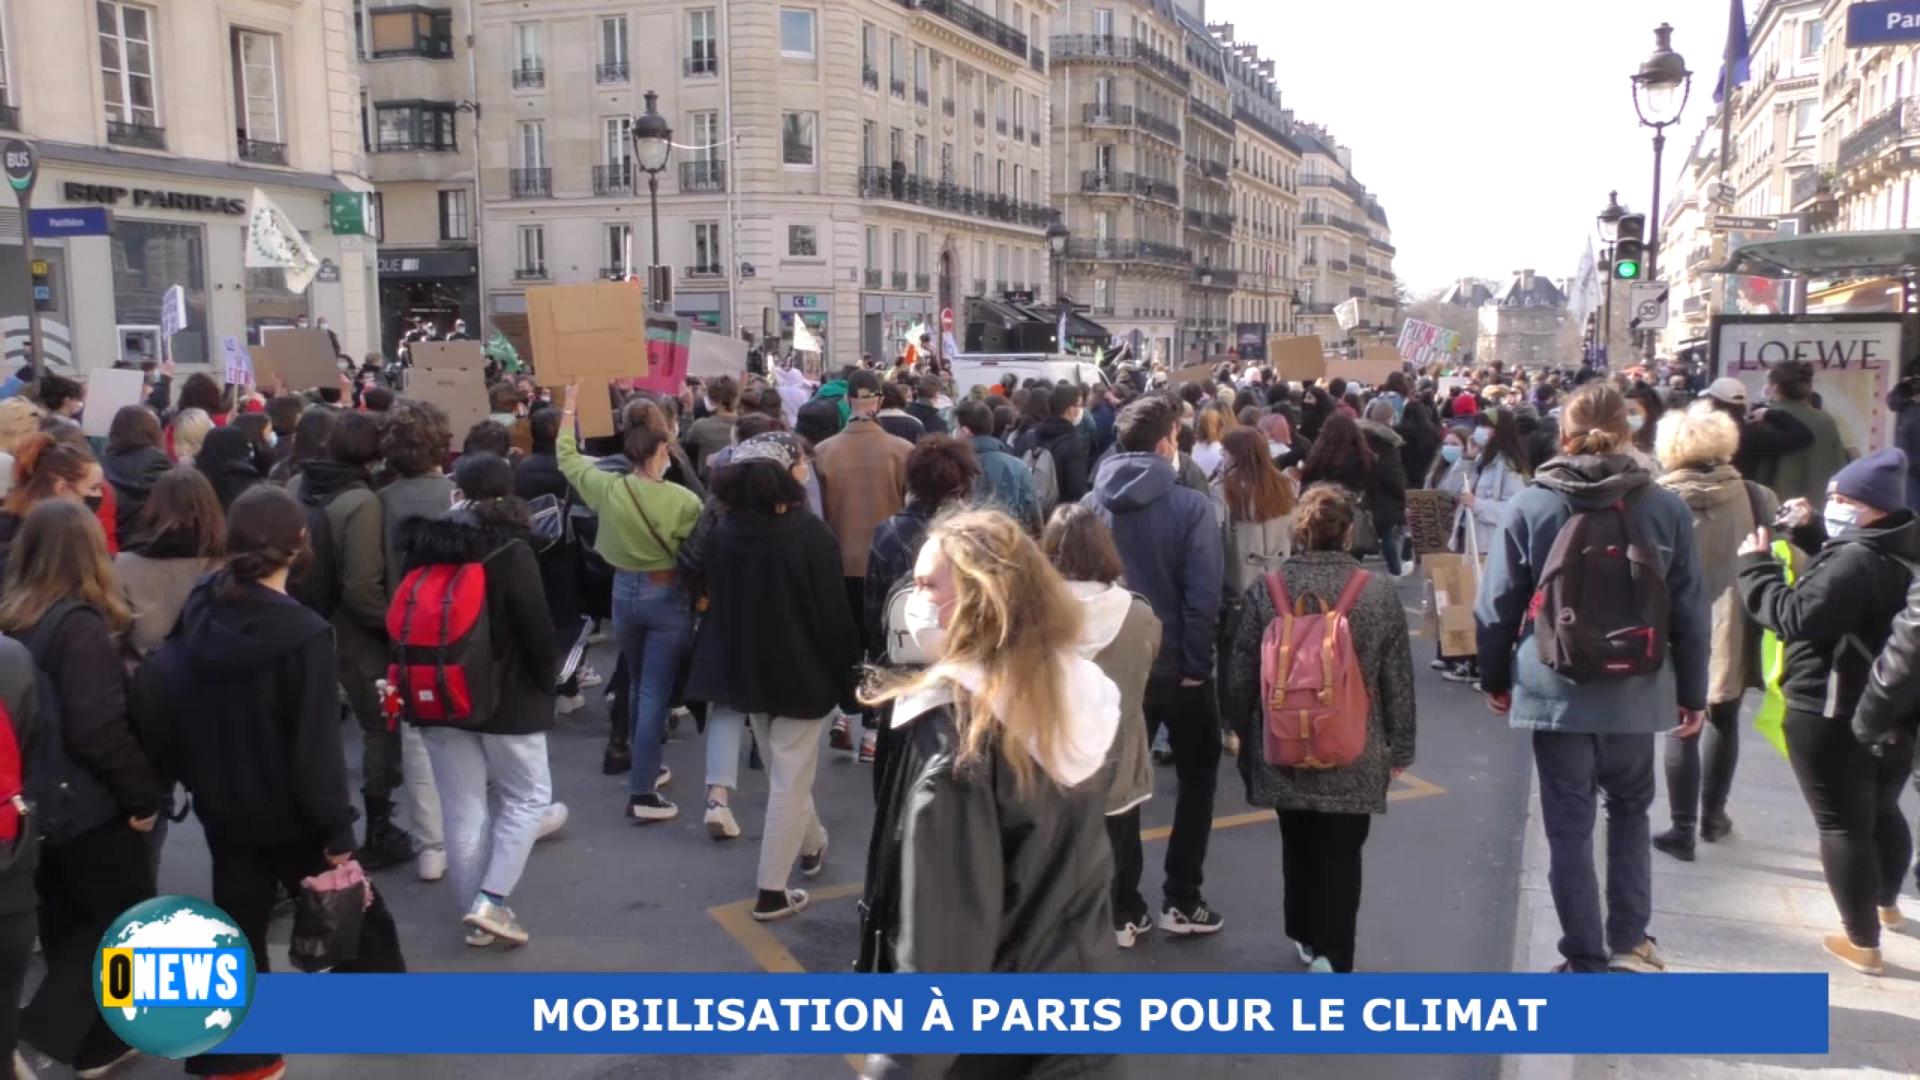 [Vidéo] Onews Hexagone. Mobilisation pour le climat à Paris ce vendredi